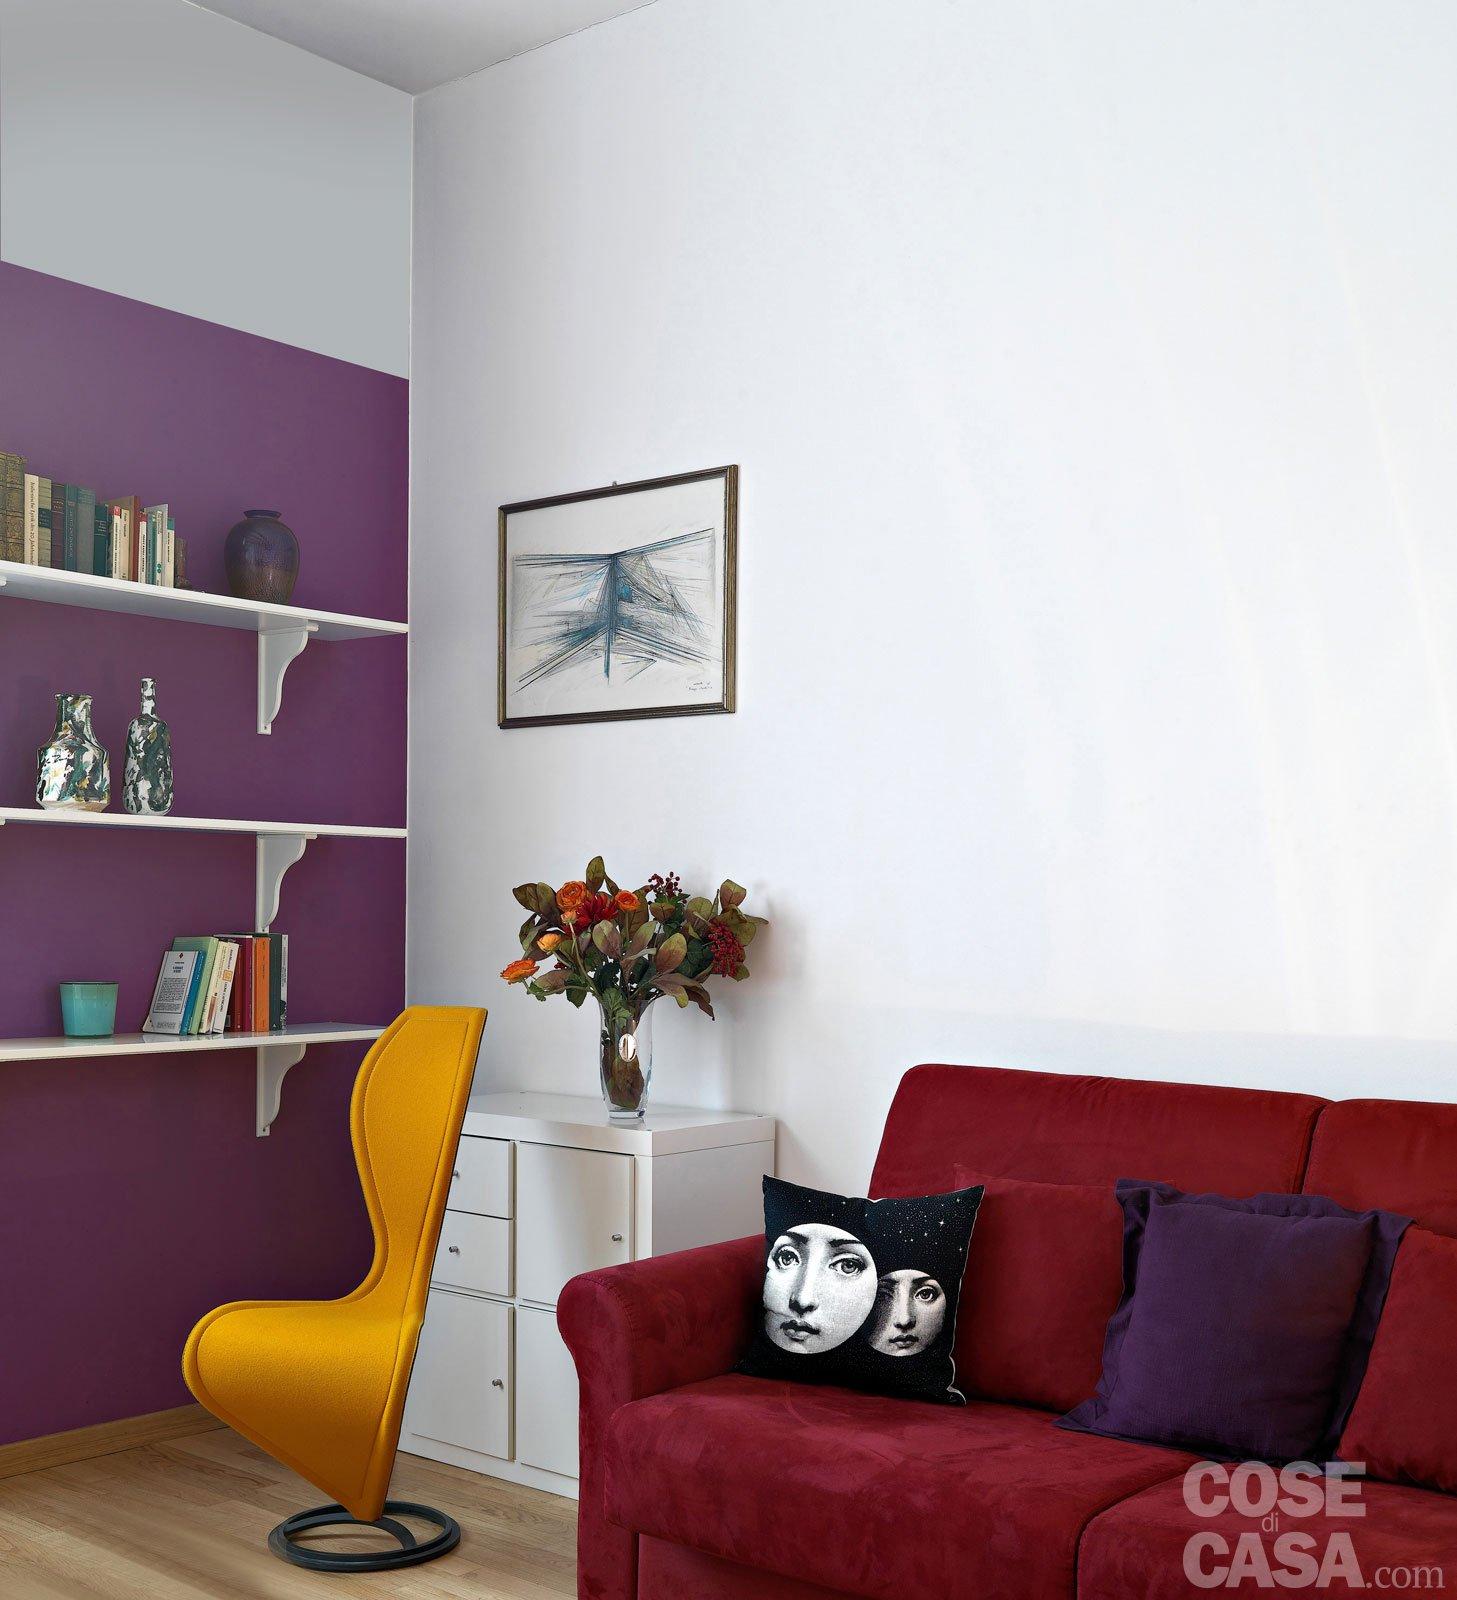 Come Dipingere I Muri Interni Di Casa.Pitturare Le Pareti I Trucchi Che Ingannano L Occhio Cose Di Casa